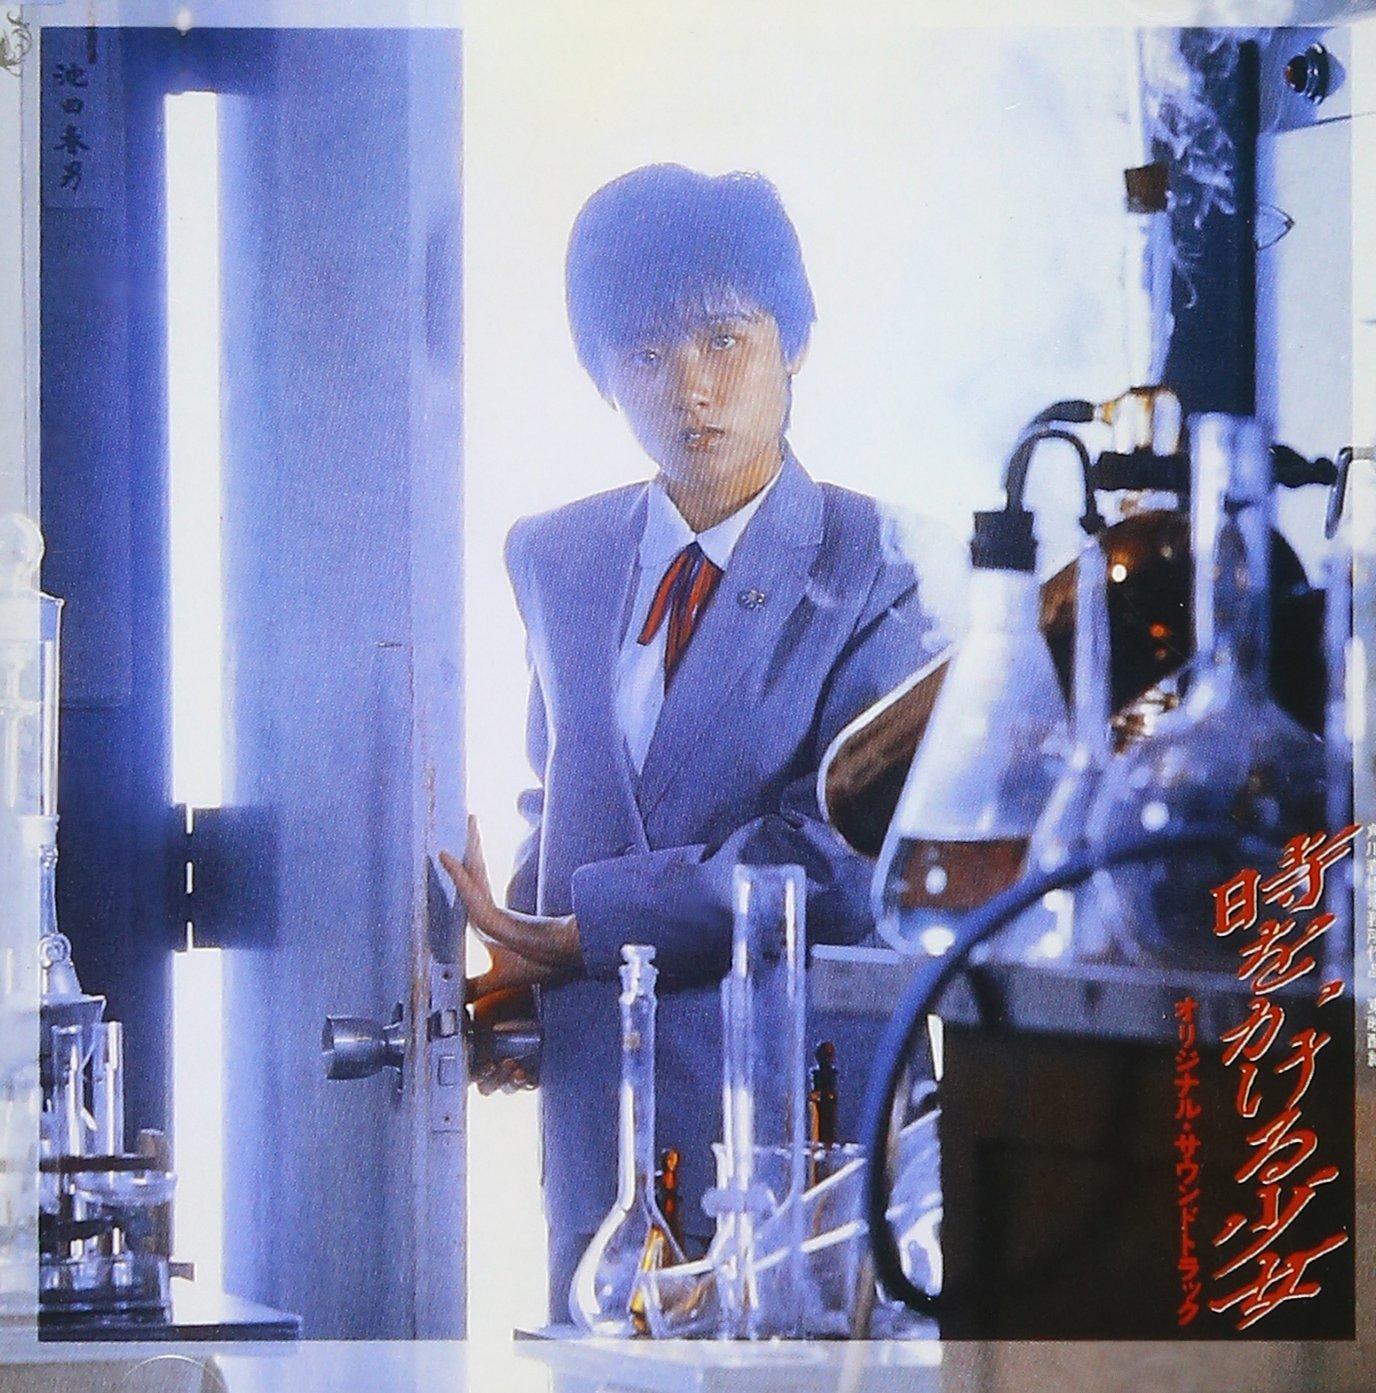 松任谷正隆の映画音楽 『時をかける少女』_b0074416_22163086.jpg